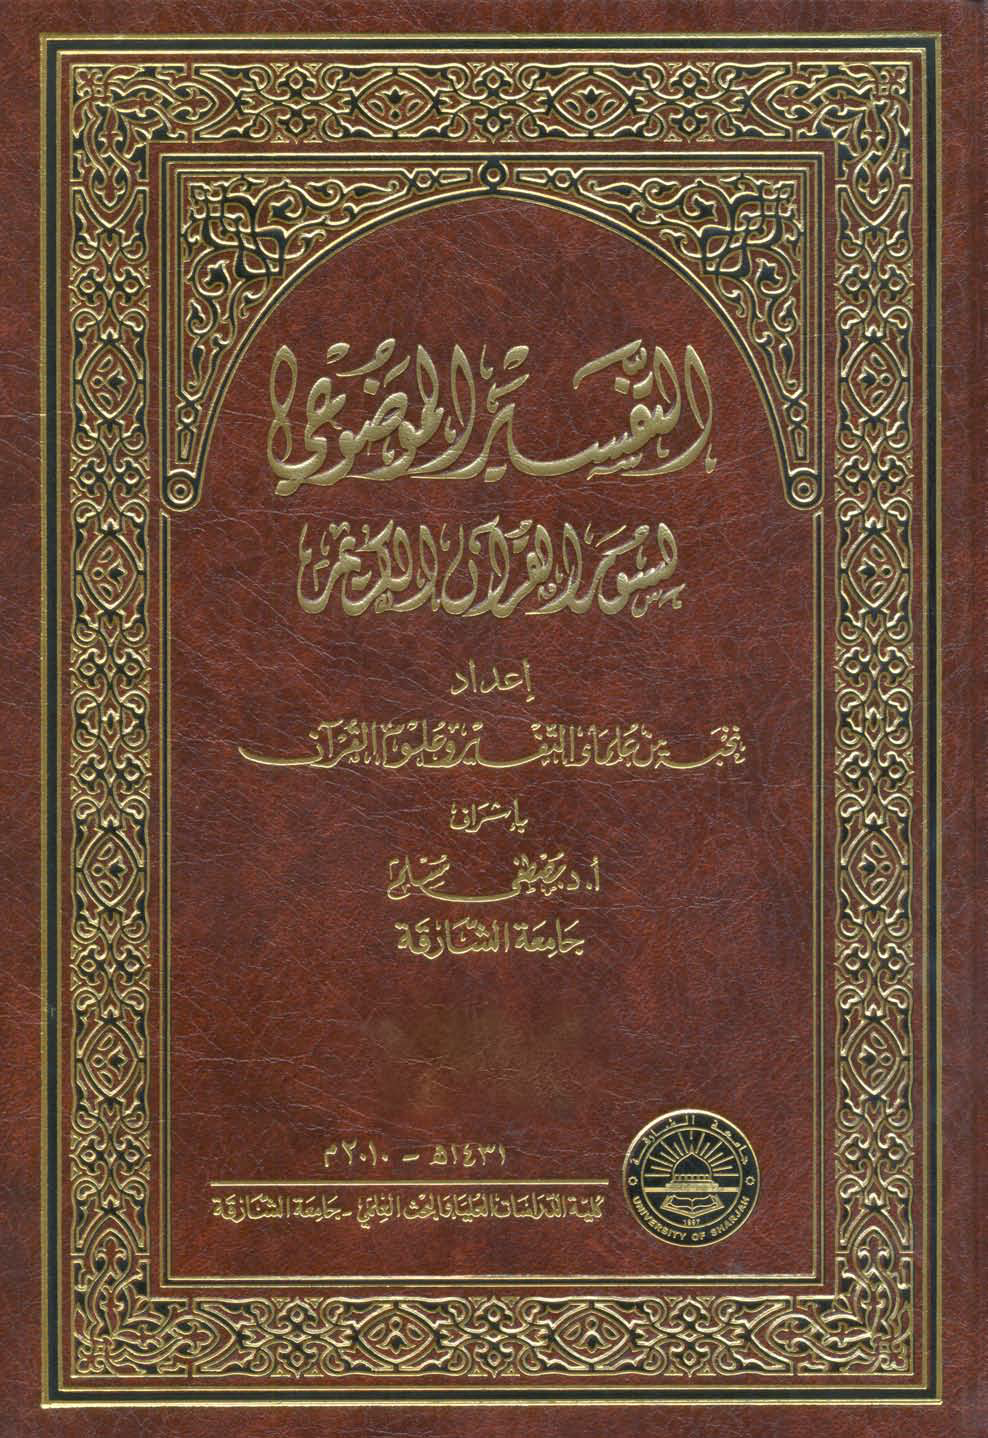 تحميل كتاب التفسير الموضوعي لسور القرآن الكريم لـِ: نخبة من العلماء